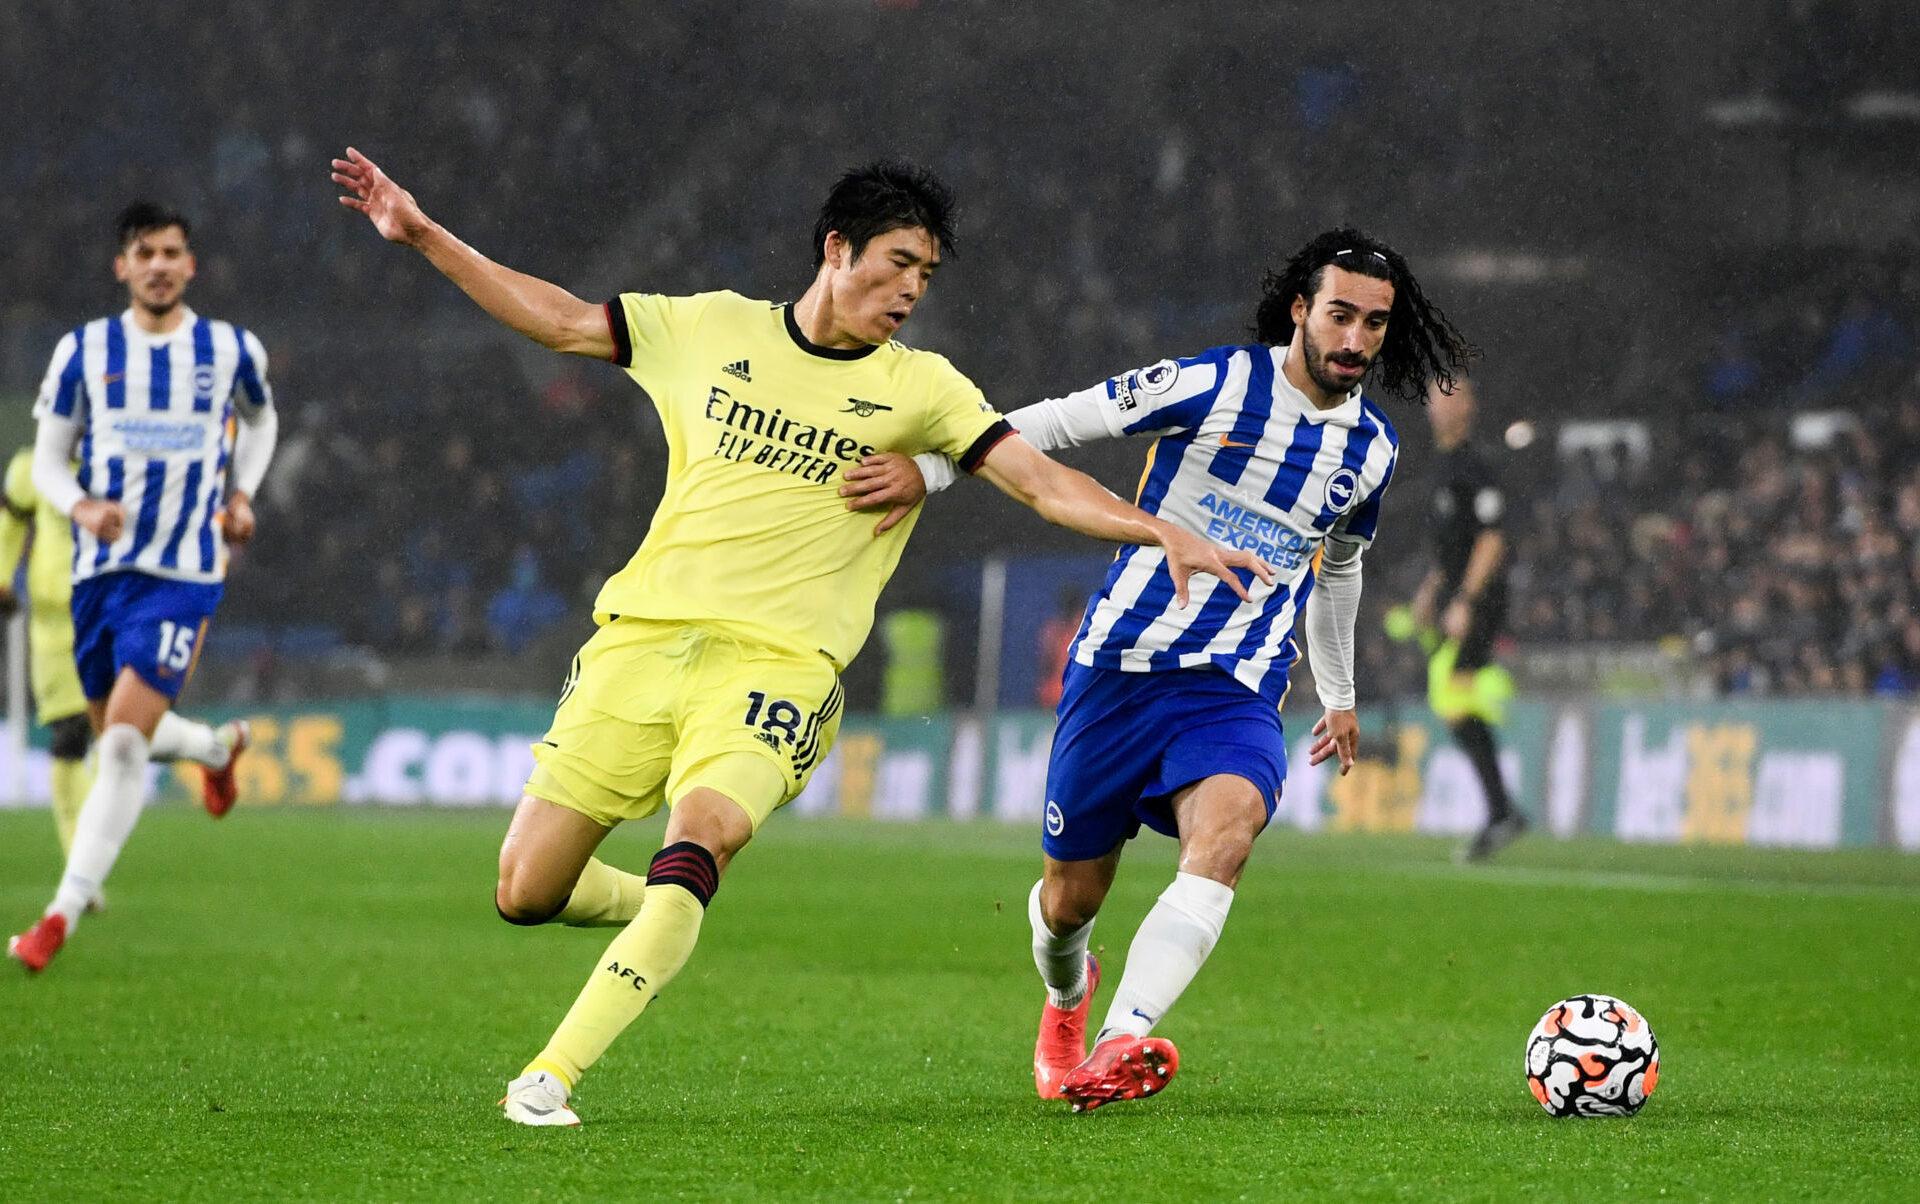 Arsenal et Takehiro Tomiyasu (à gauche) ont souffert face à Brighton, mais ont évité la défaite. Icon SPort